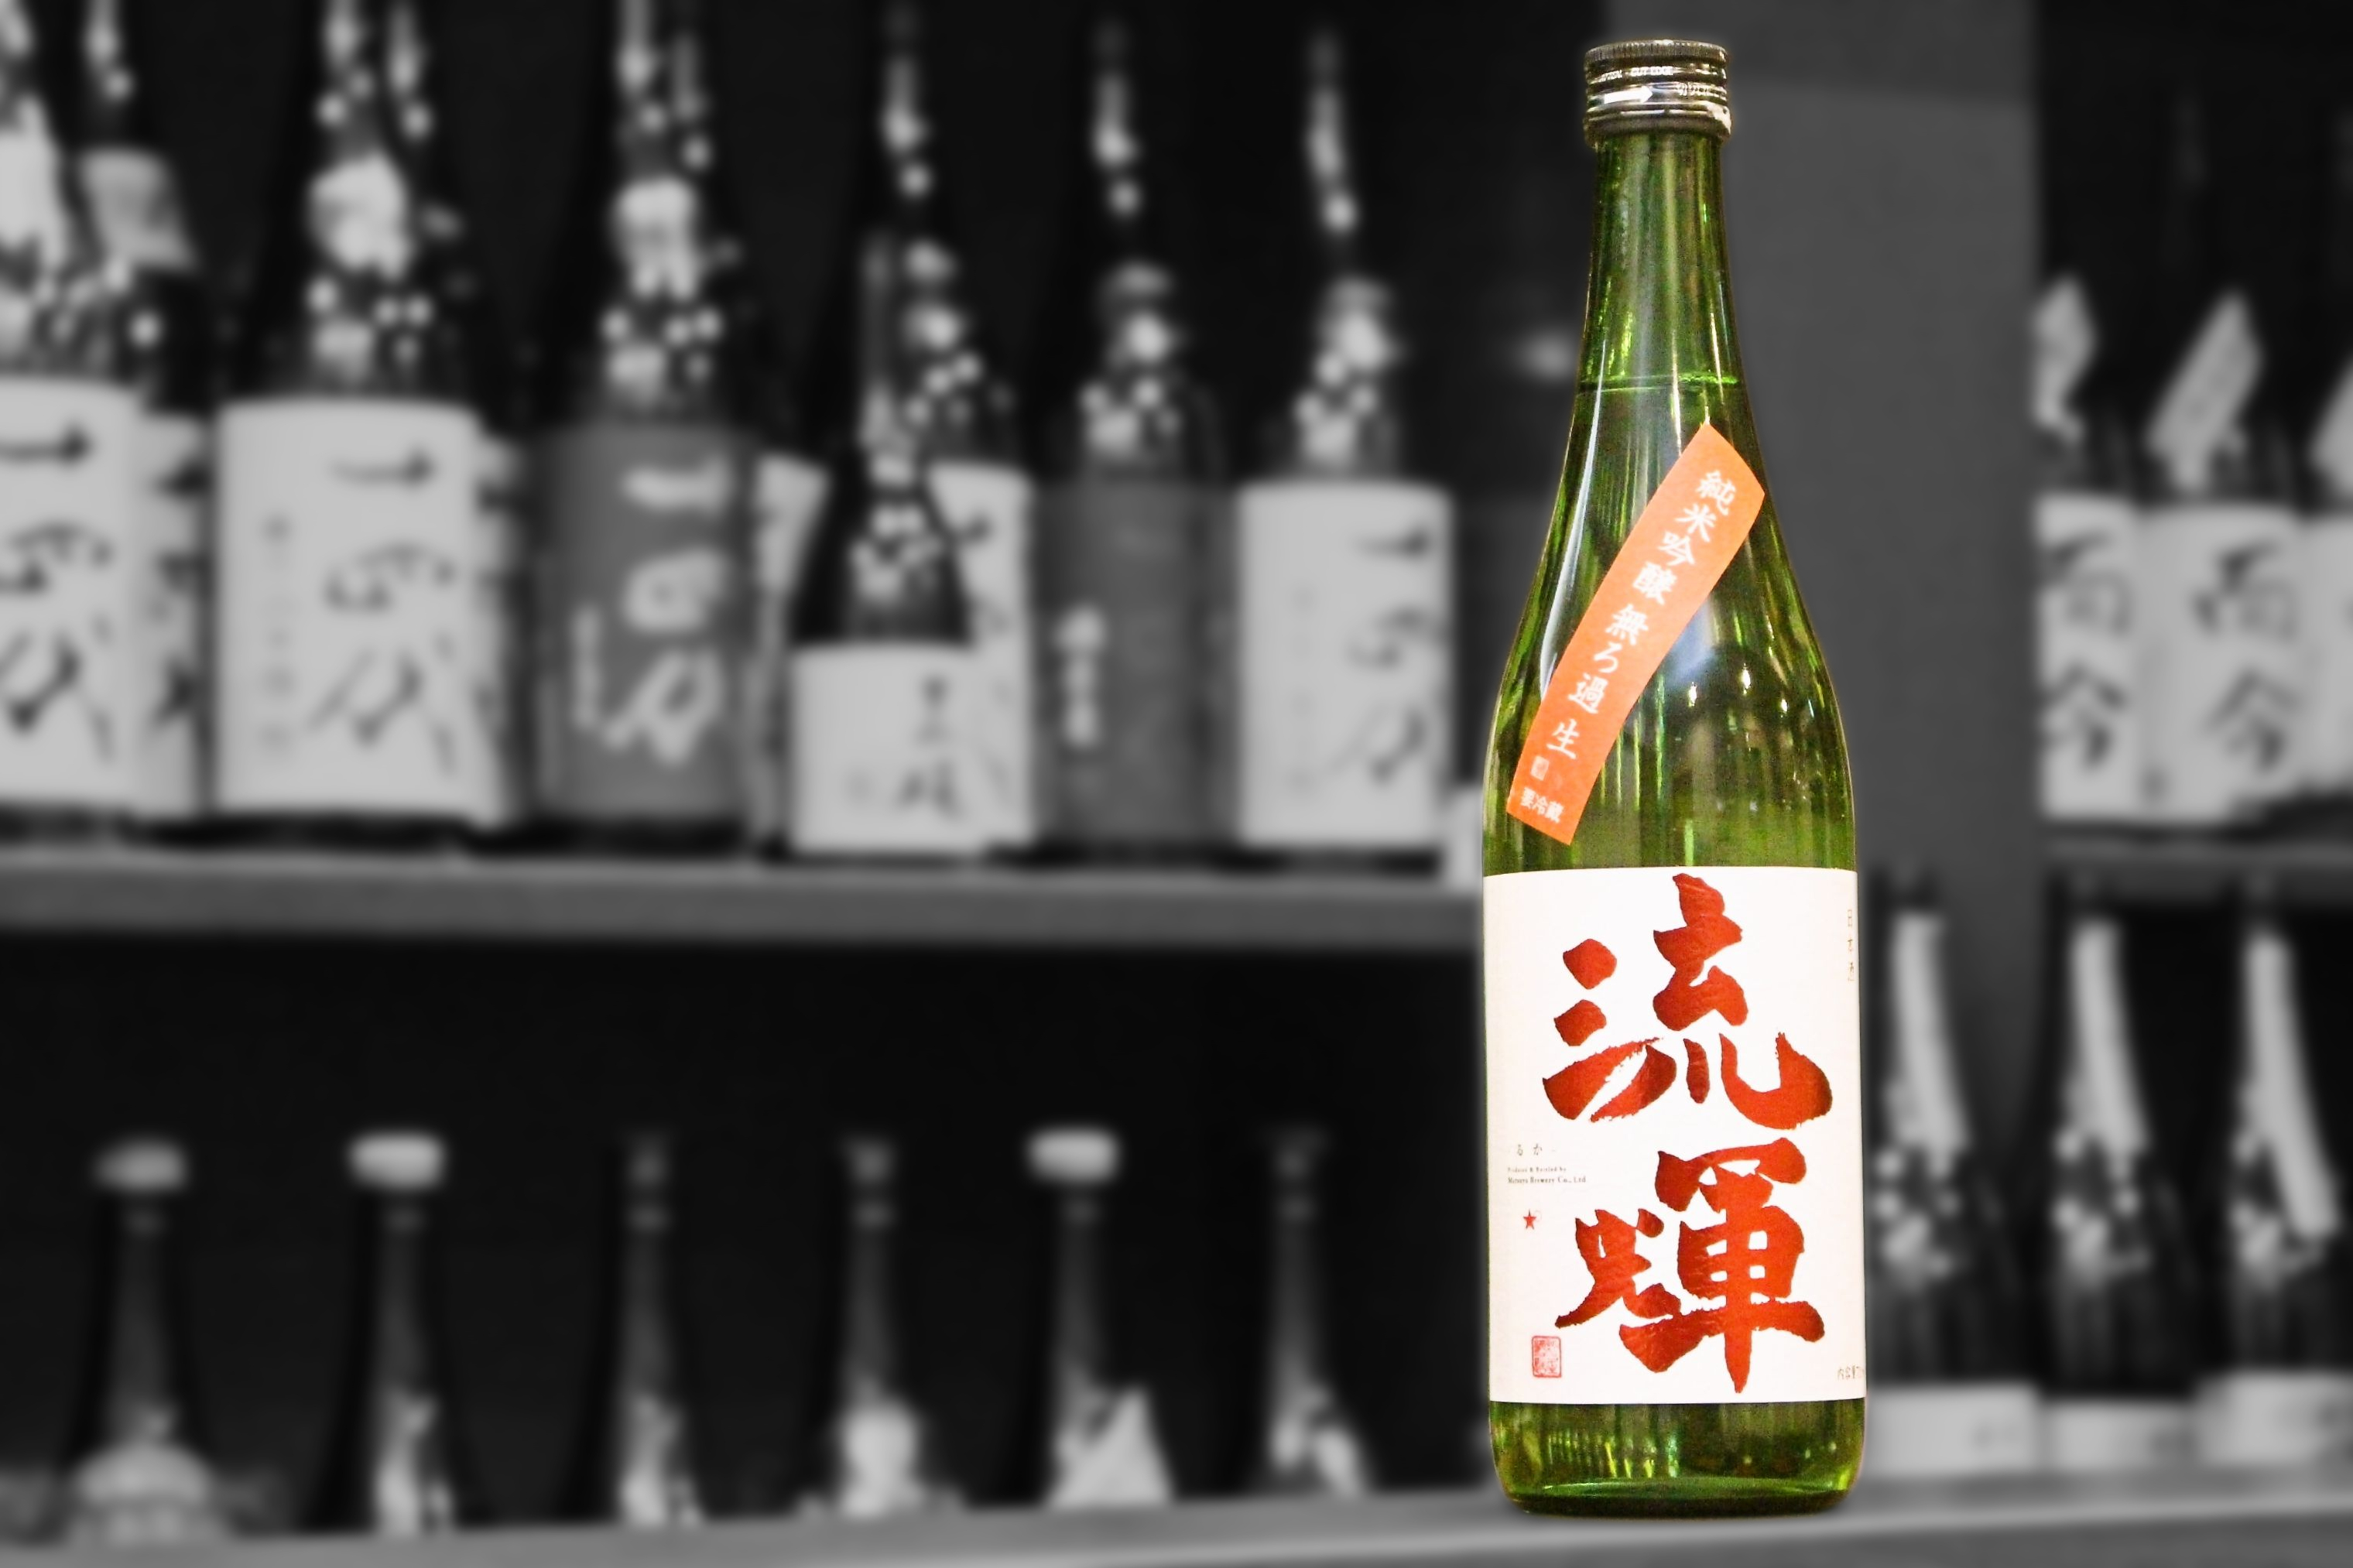 流輝純米吟醸レッド202007-001